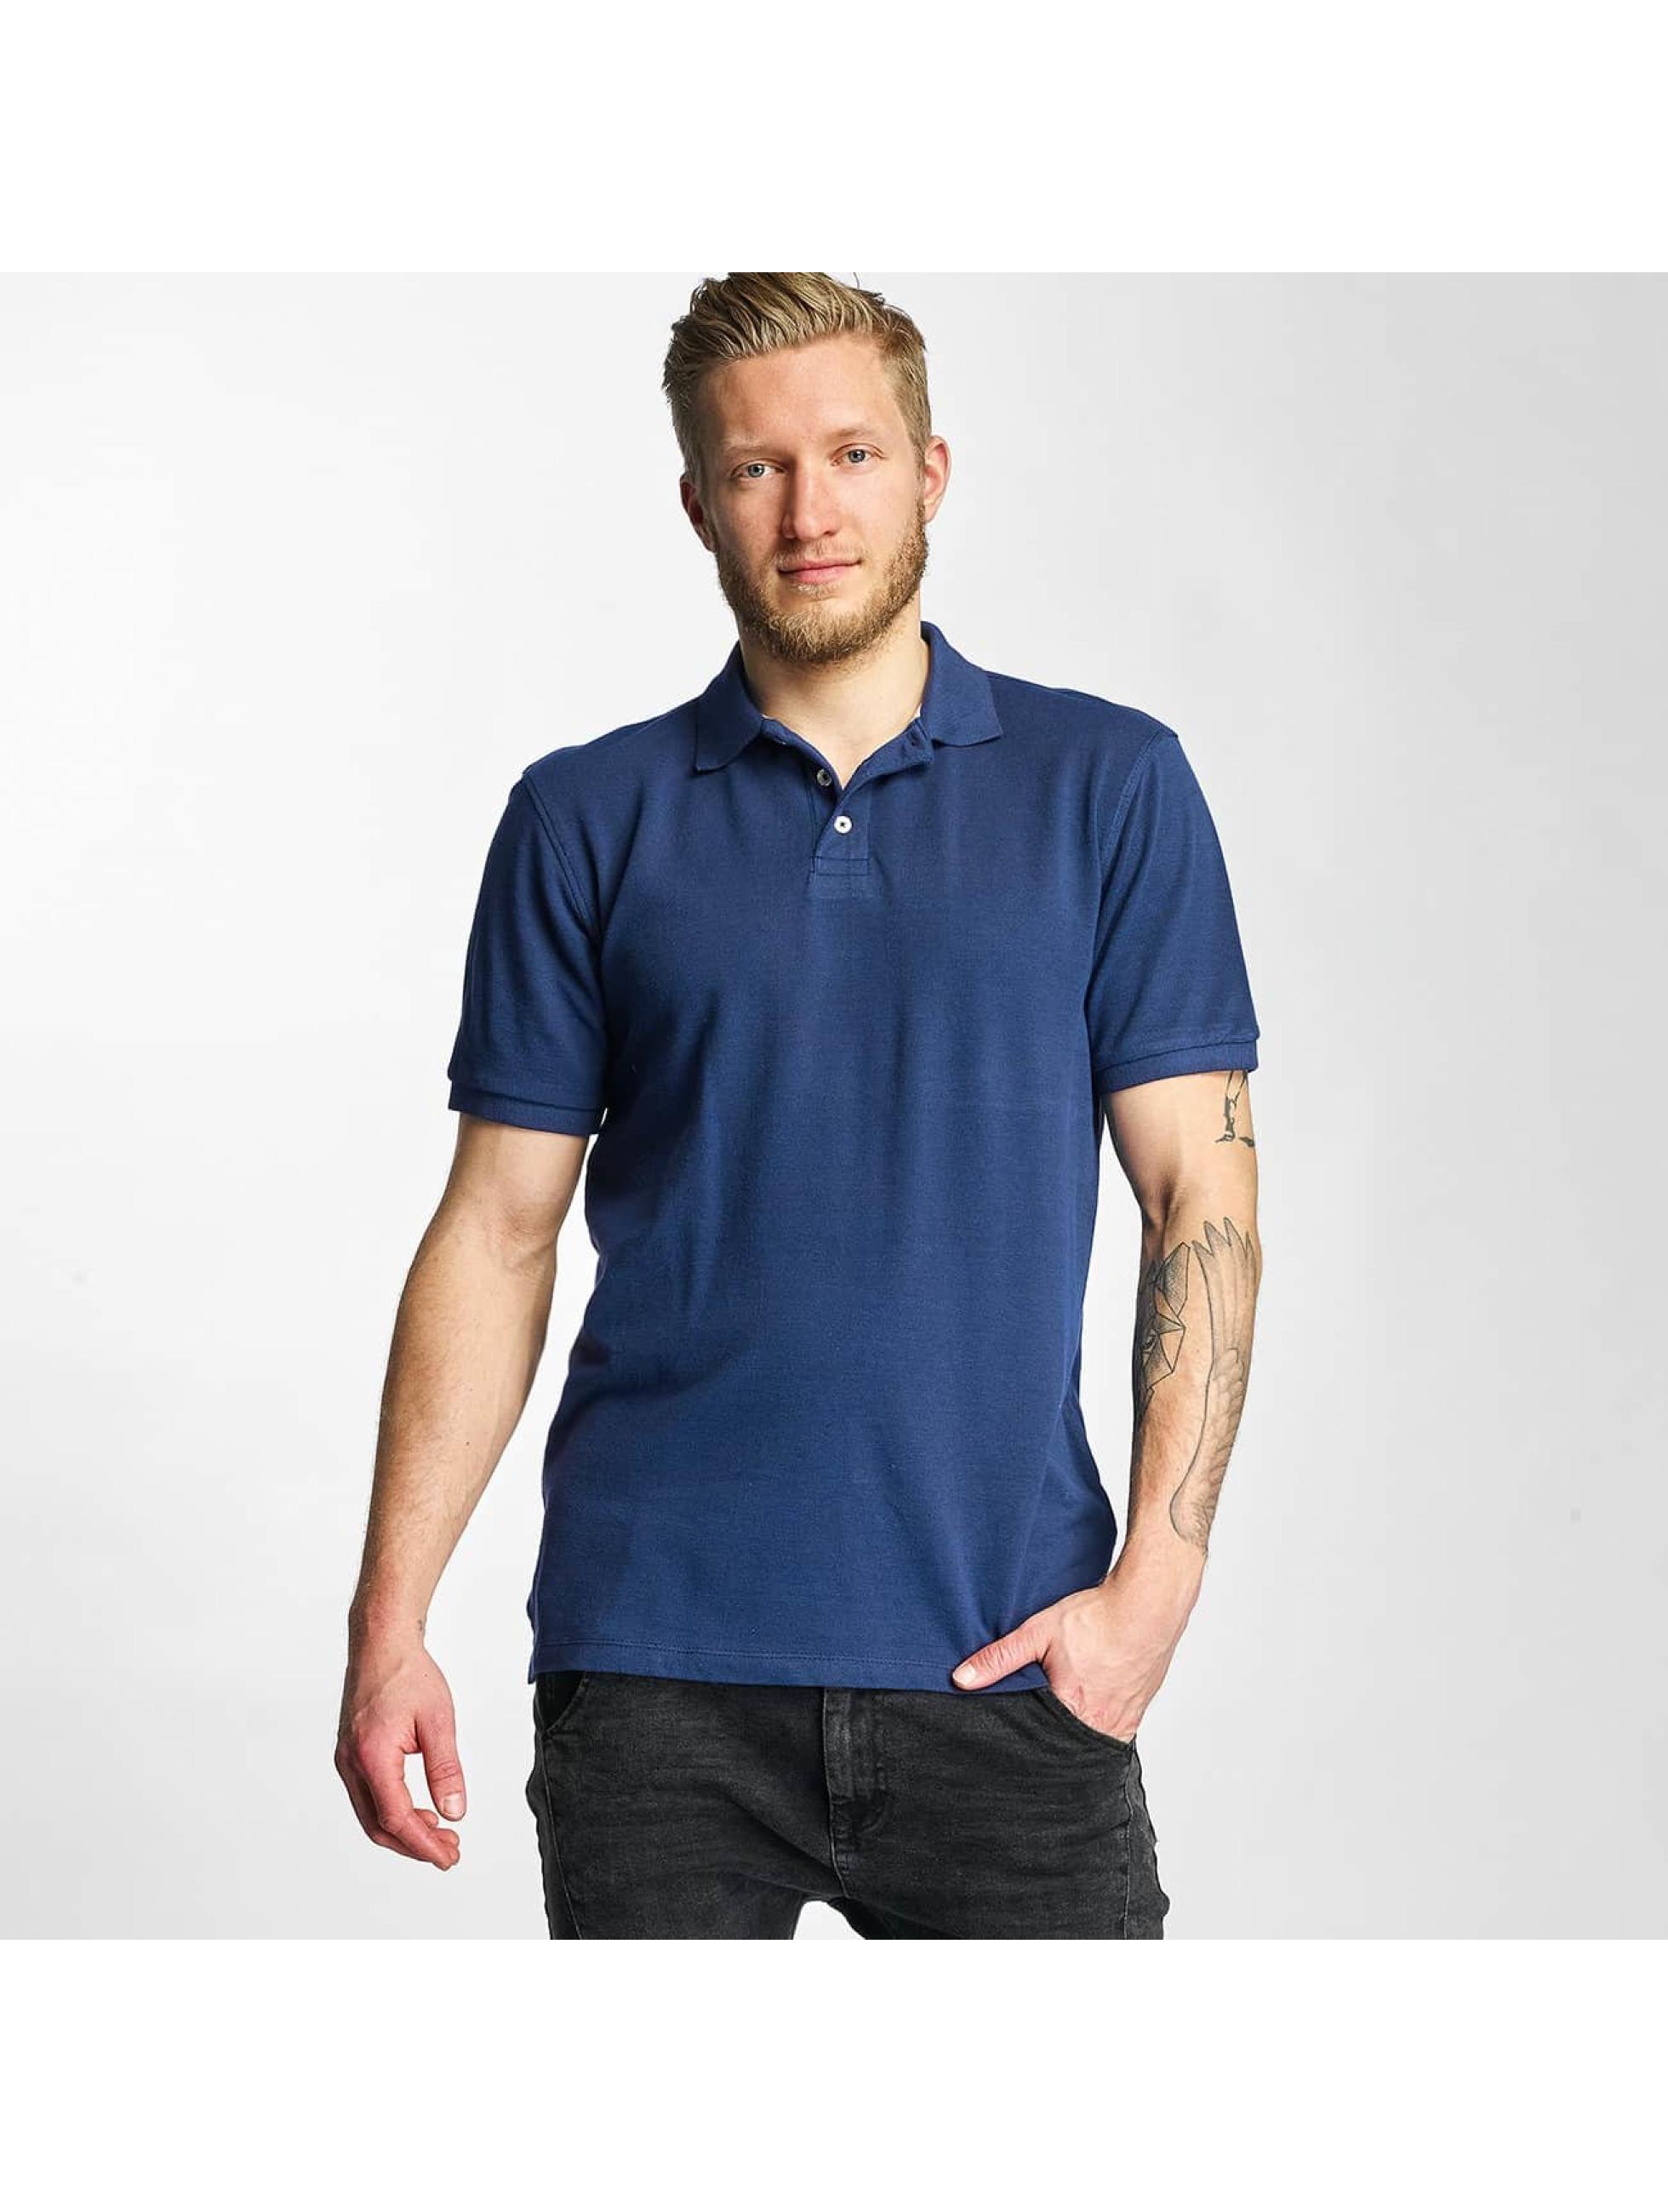 Lee Männer Poloshirt Pique in blau